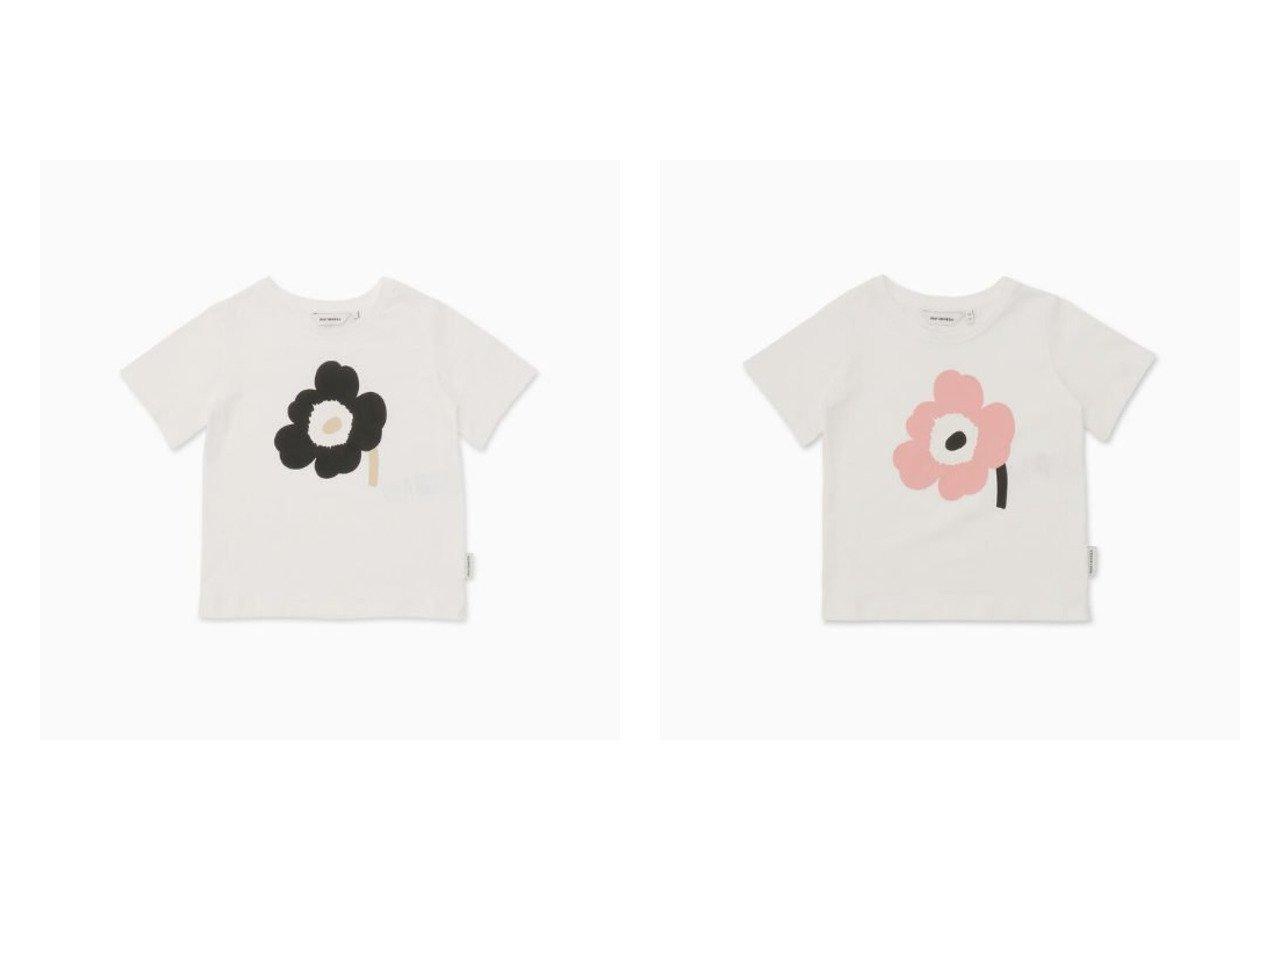 【marimekko / KIDS/マリメッコ】の[KIDS]Soida Unikko 2 Tシャツ&[KIDS]Soida Unikko 1 Tシャツ マリメッコのおすすめ!人気、トレンド・レディースファッションの通販 おすすめで人気の流行・トレンド、ファッションの通販商品 メンズファッション・キッズファッション・インテリア・家具・レディースファッション・服の通販 founy(ファニー) https://founy.com/ ファッション Fashion キッズファッション KIDS トップス カットソー Tops Tees Kids フロント プリント モチーフ |ID:crp329100000021913